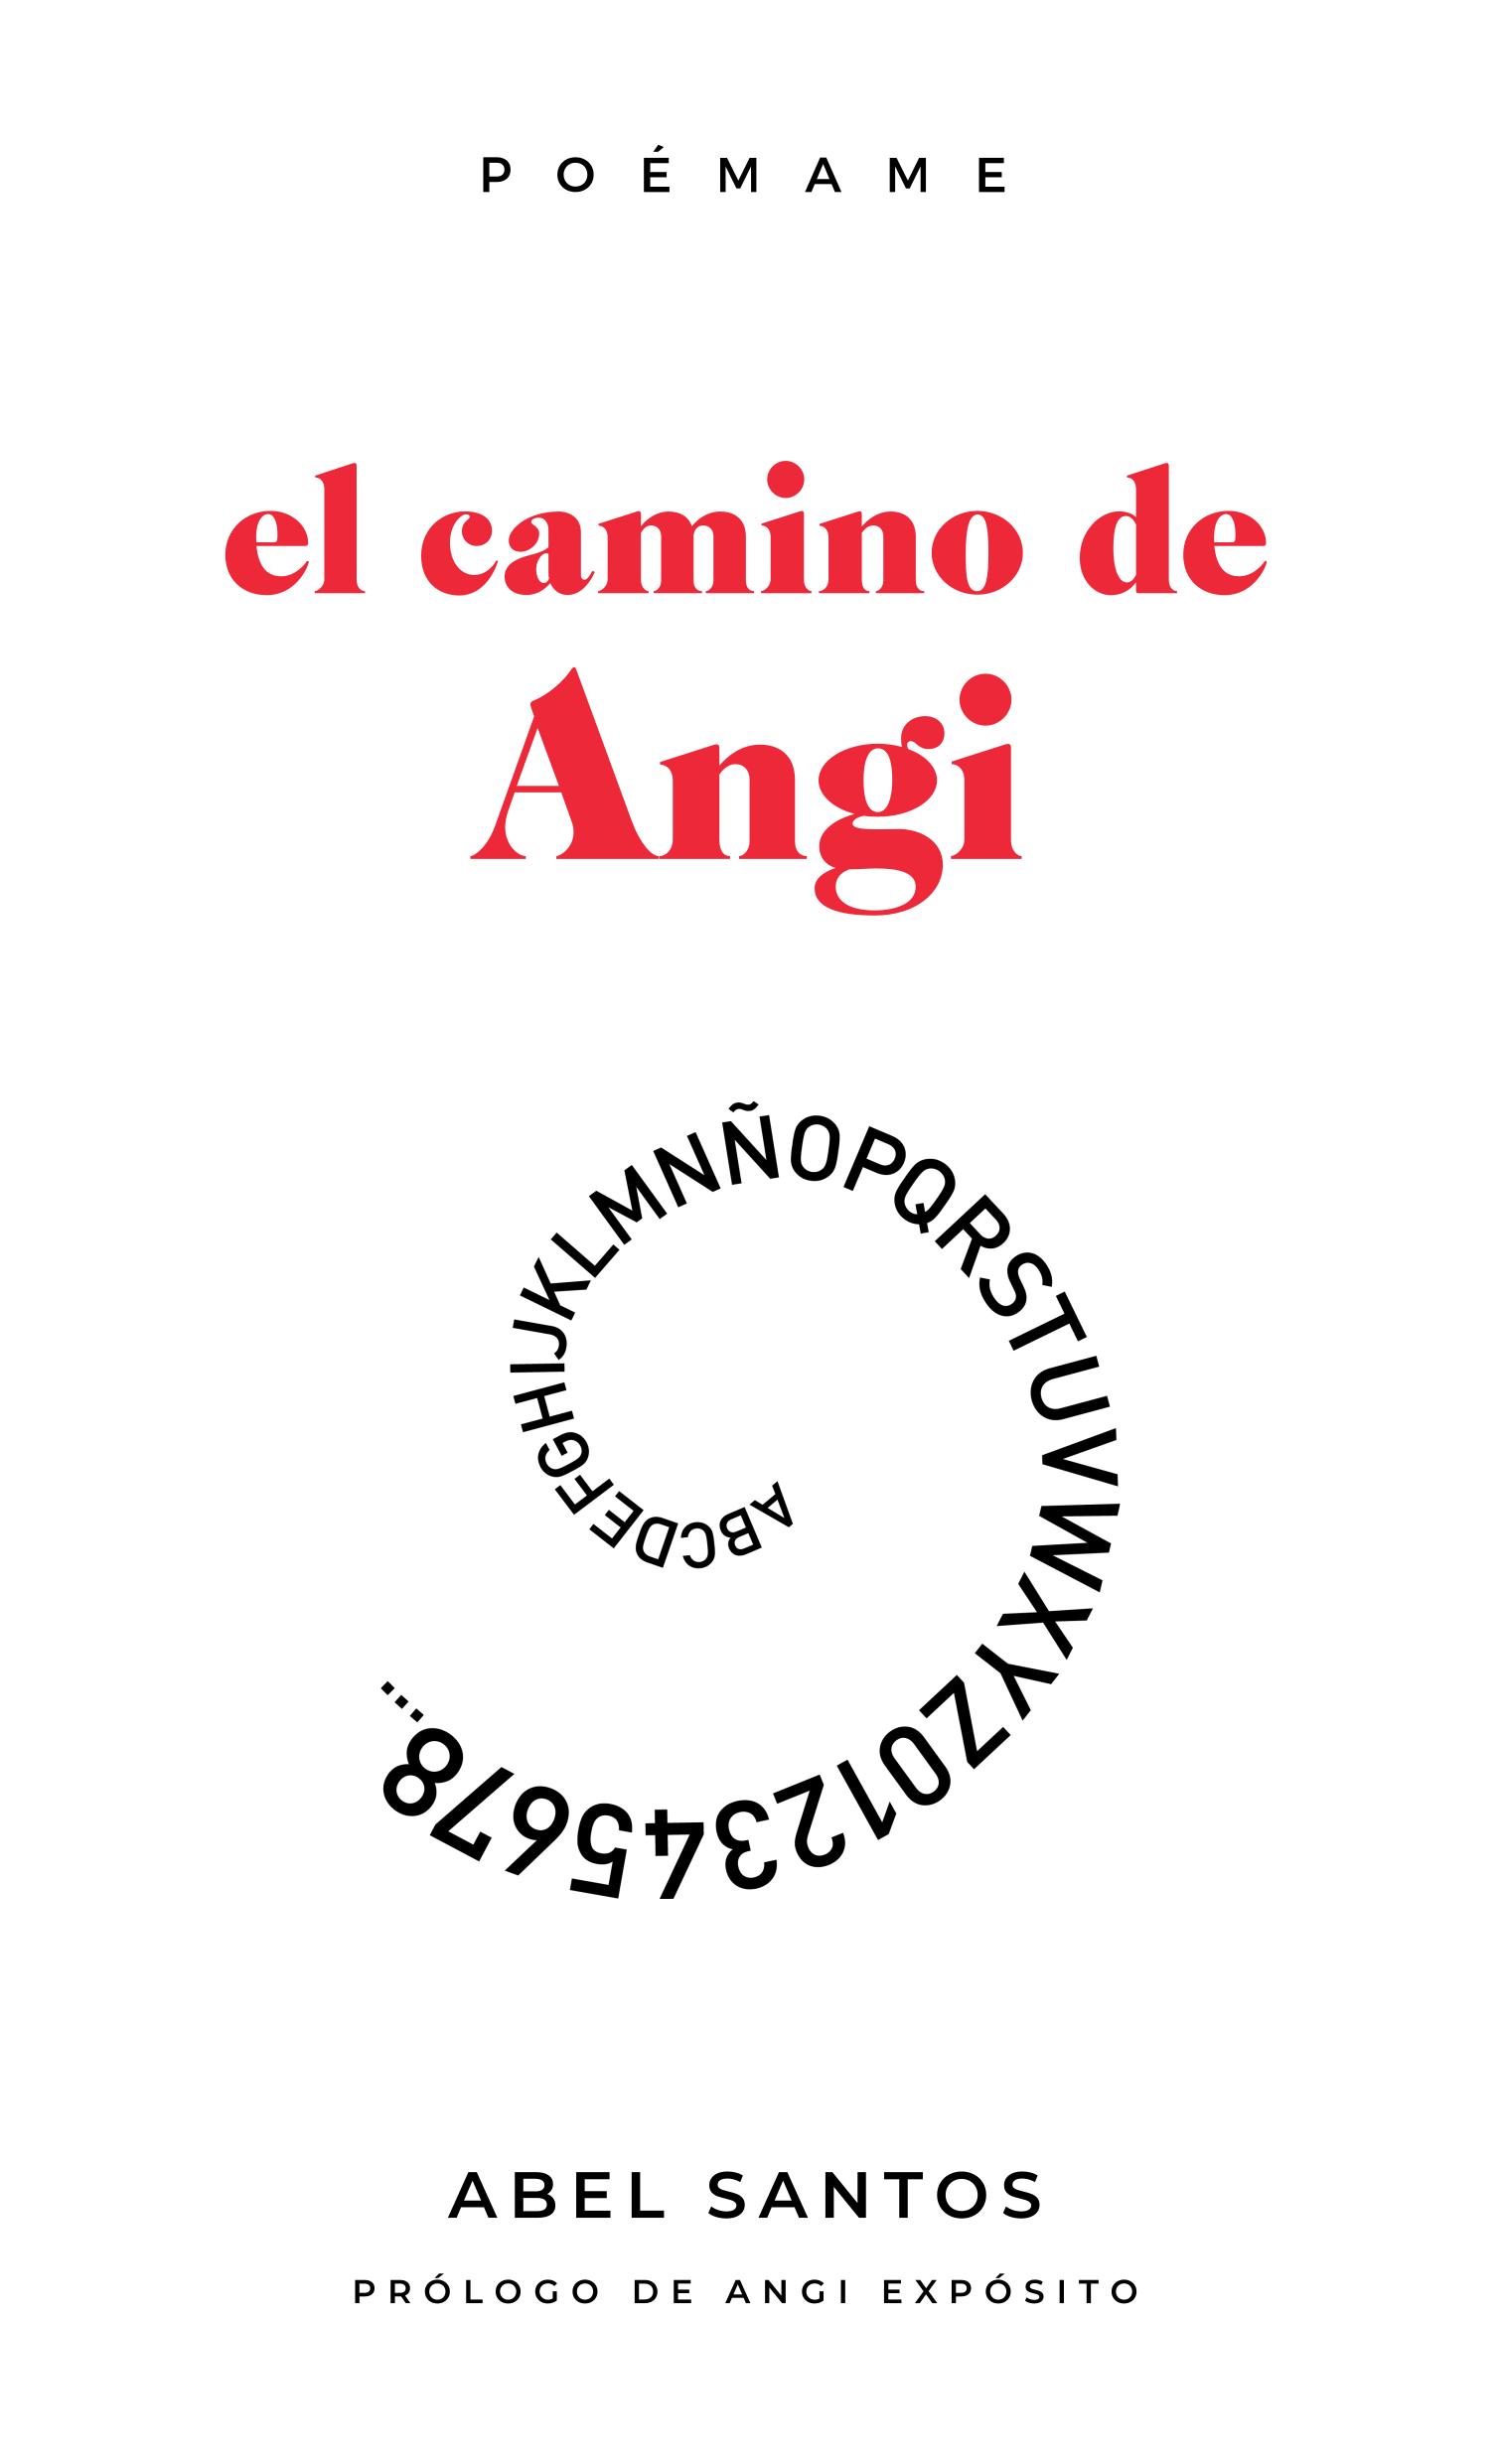 El camino de Angi, de Abel Santos | Poémame